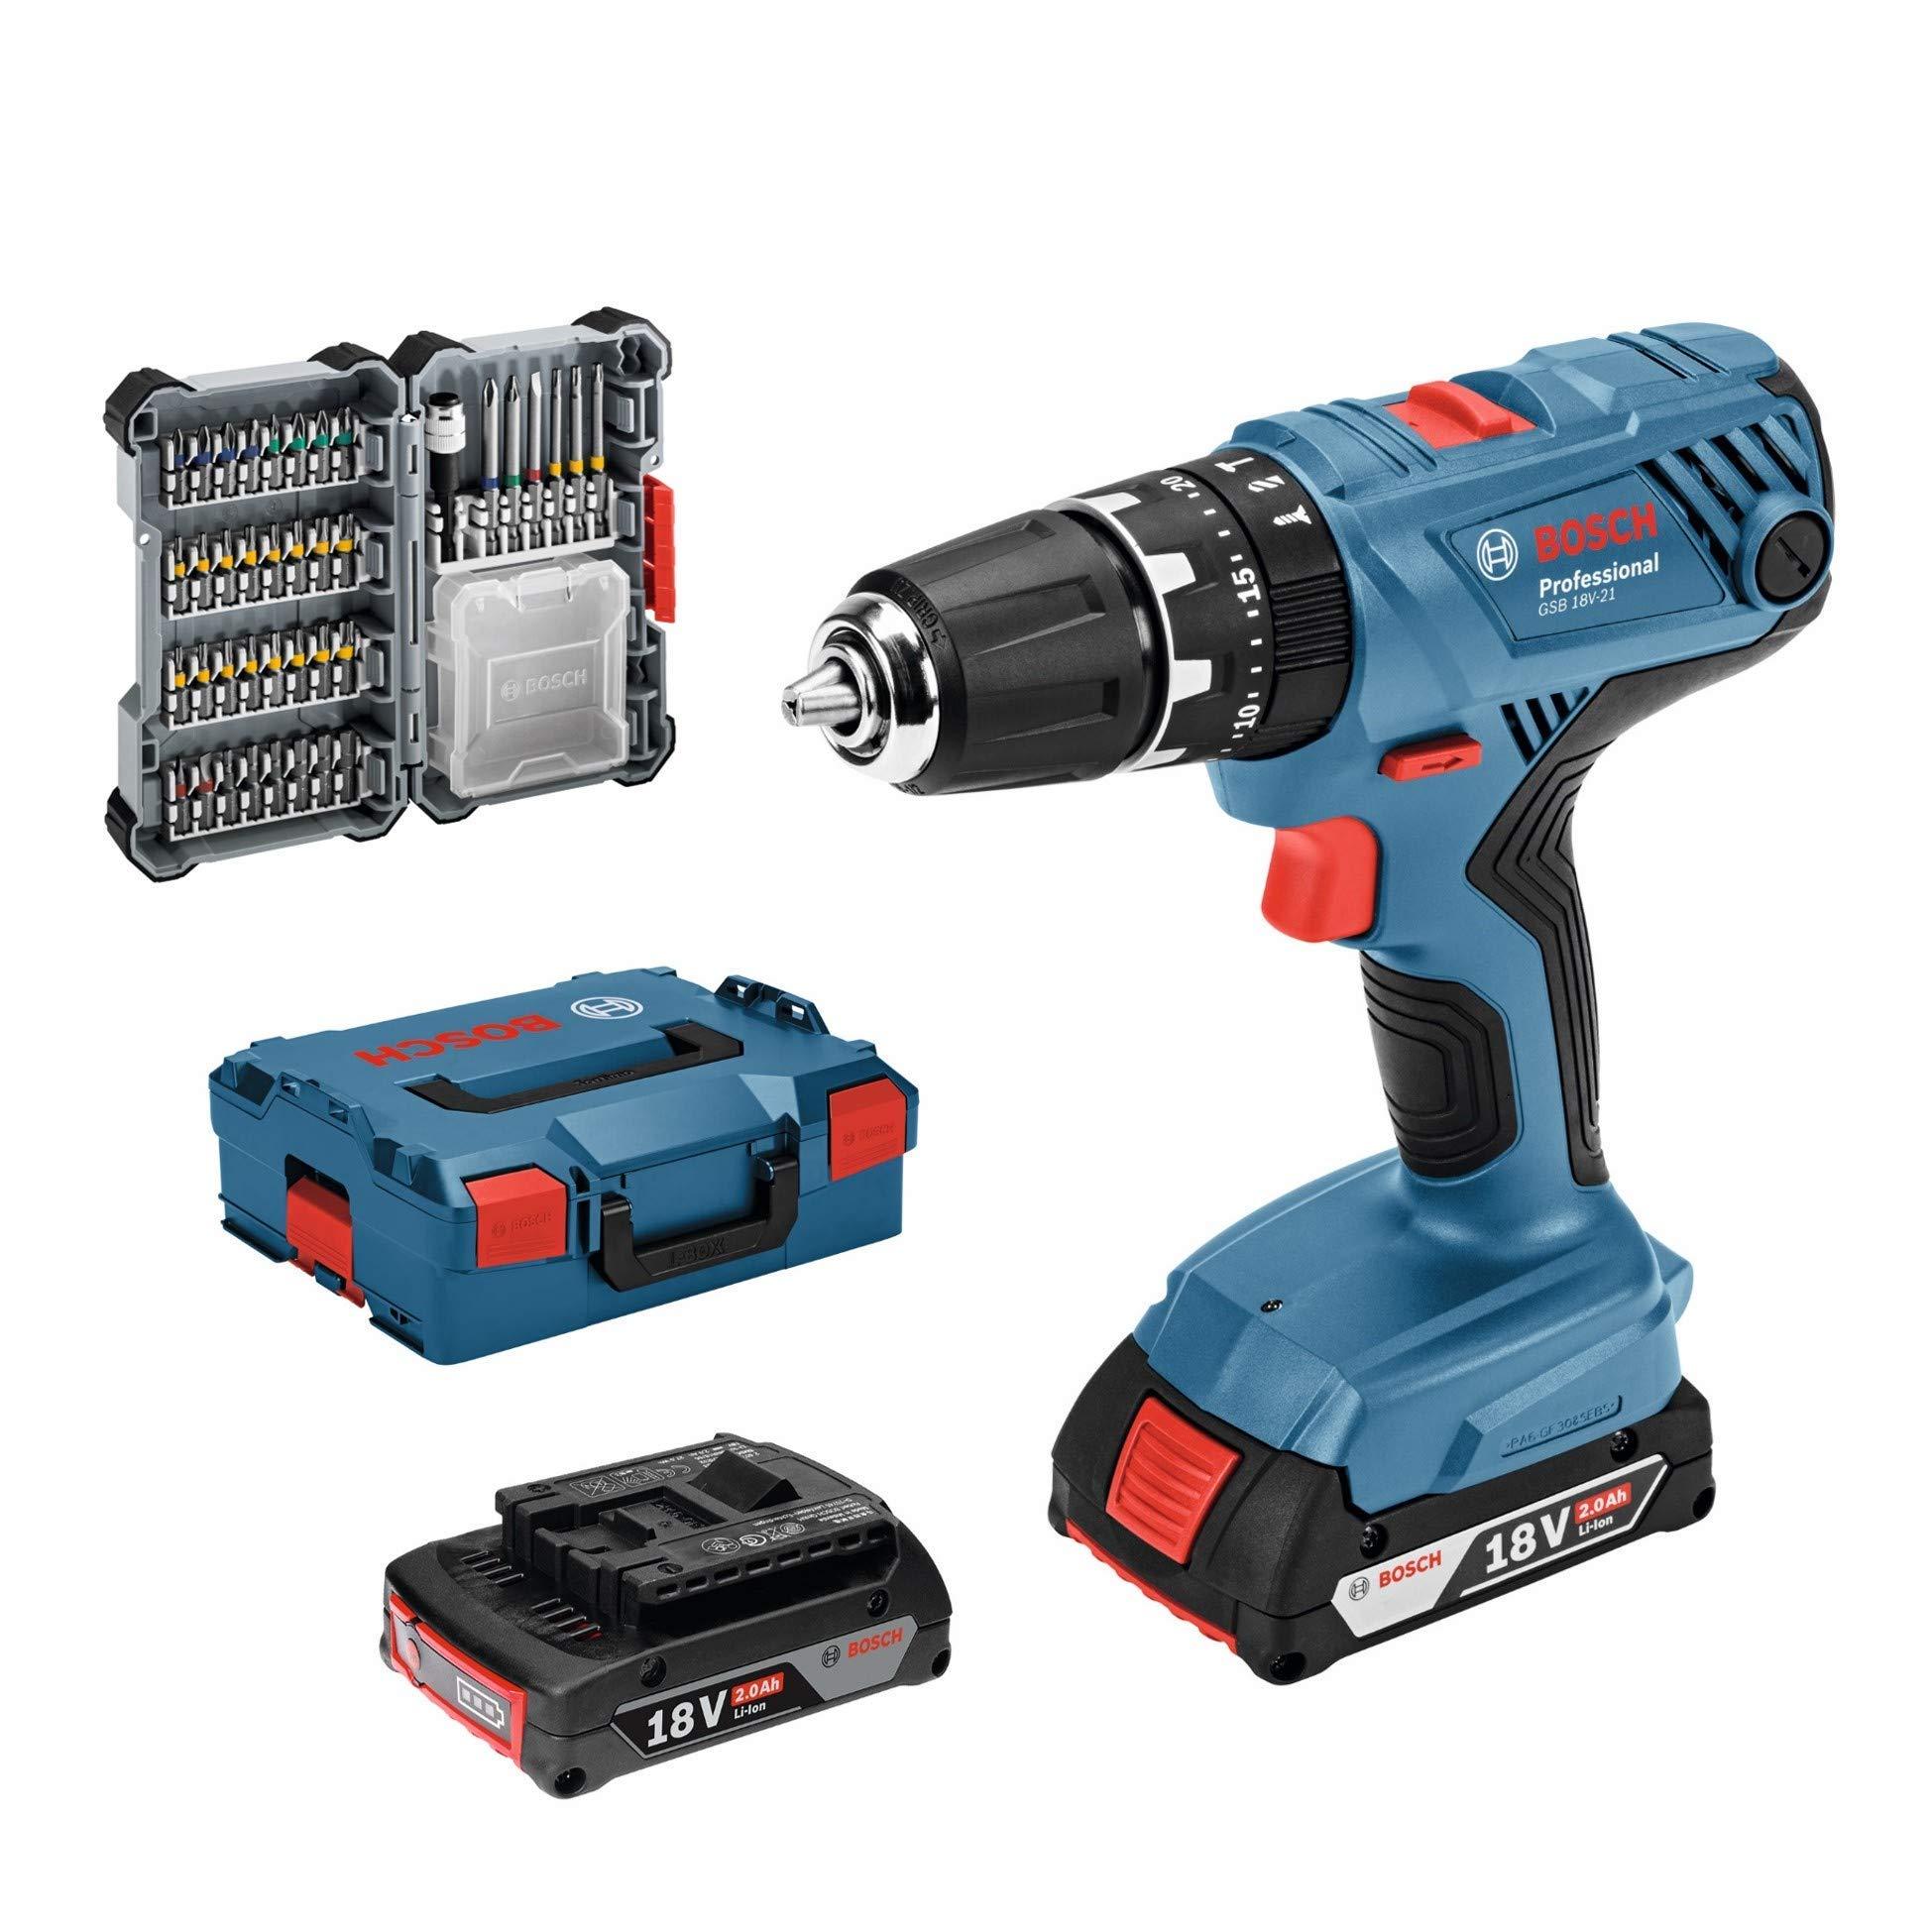 Bosch Professional GSB 18V-21 System Taladro percutor, Incl batería de 2 x 2.0 Ah, Juego de Accesorios de 40 Piezas, en L-BOXX 136, Amazon Edición, 36 W, 18 V, Azul: Amazon.es: Bricolaje y herramientas